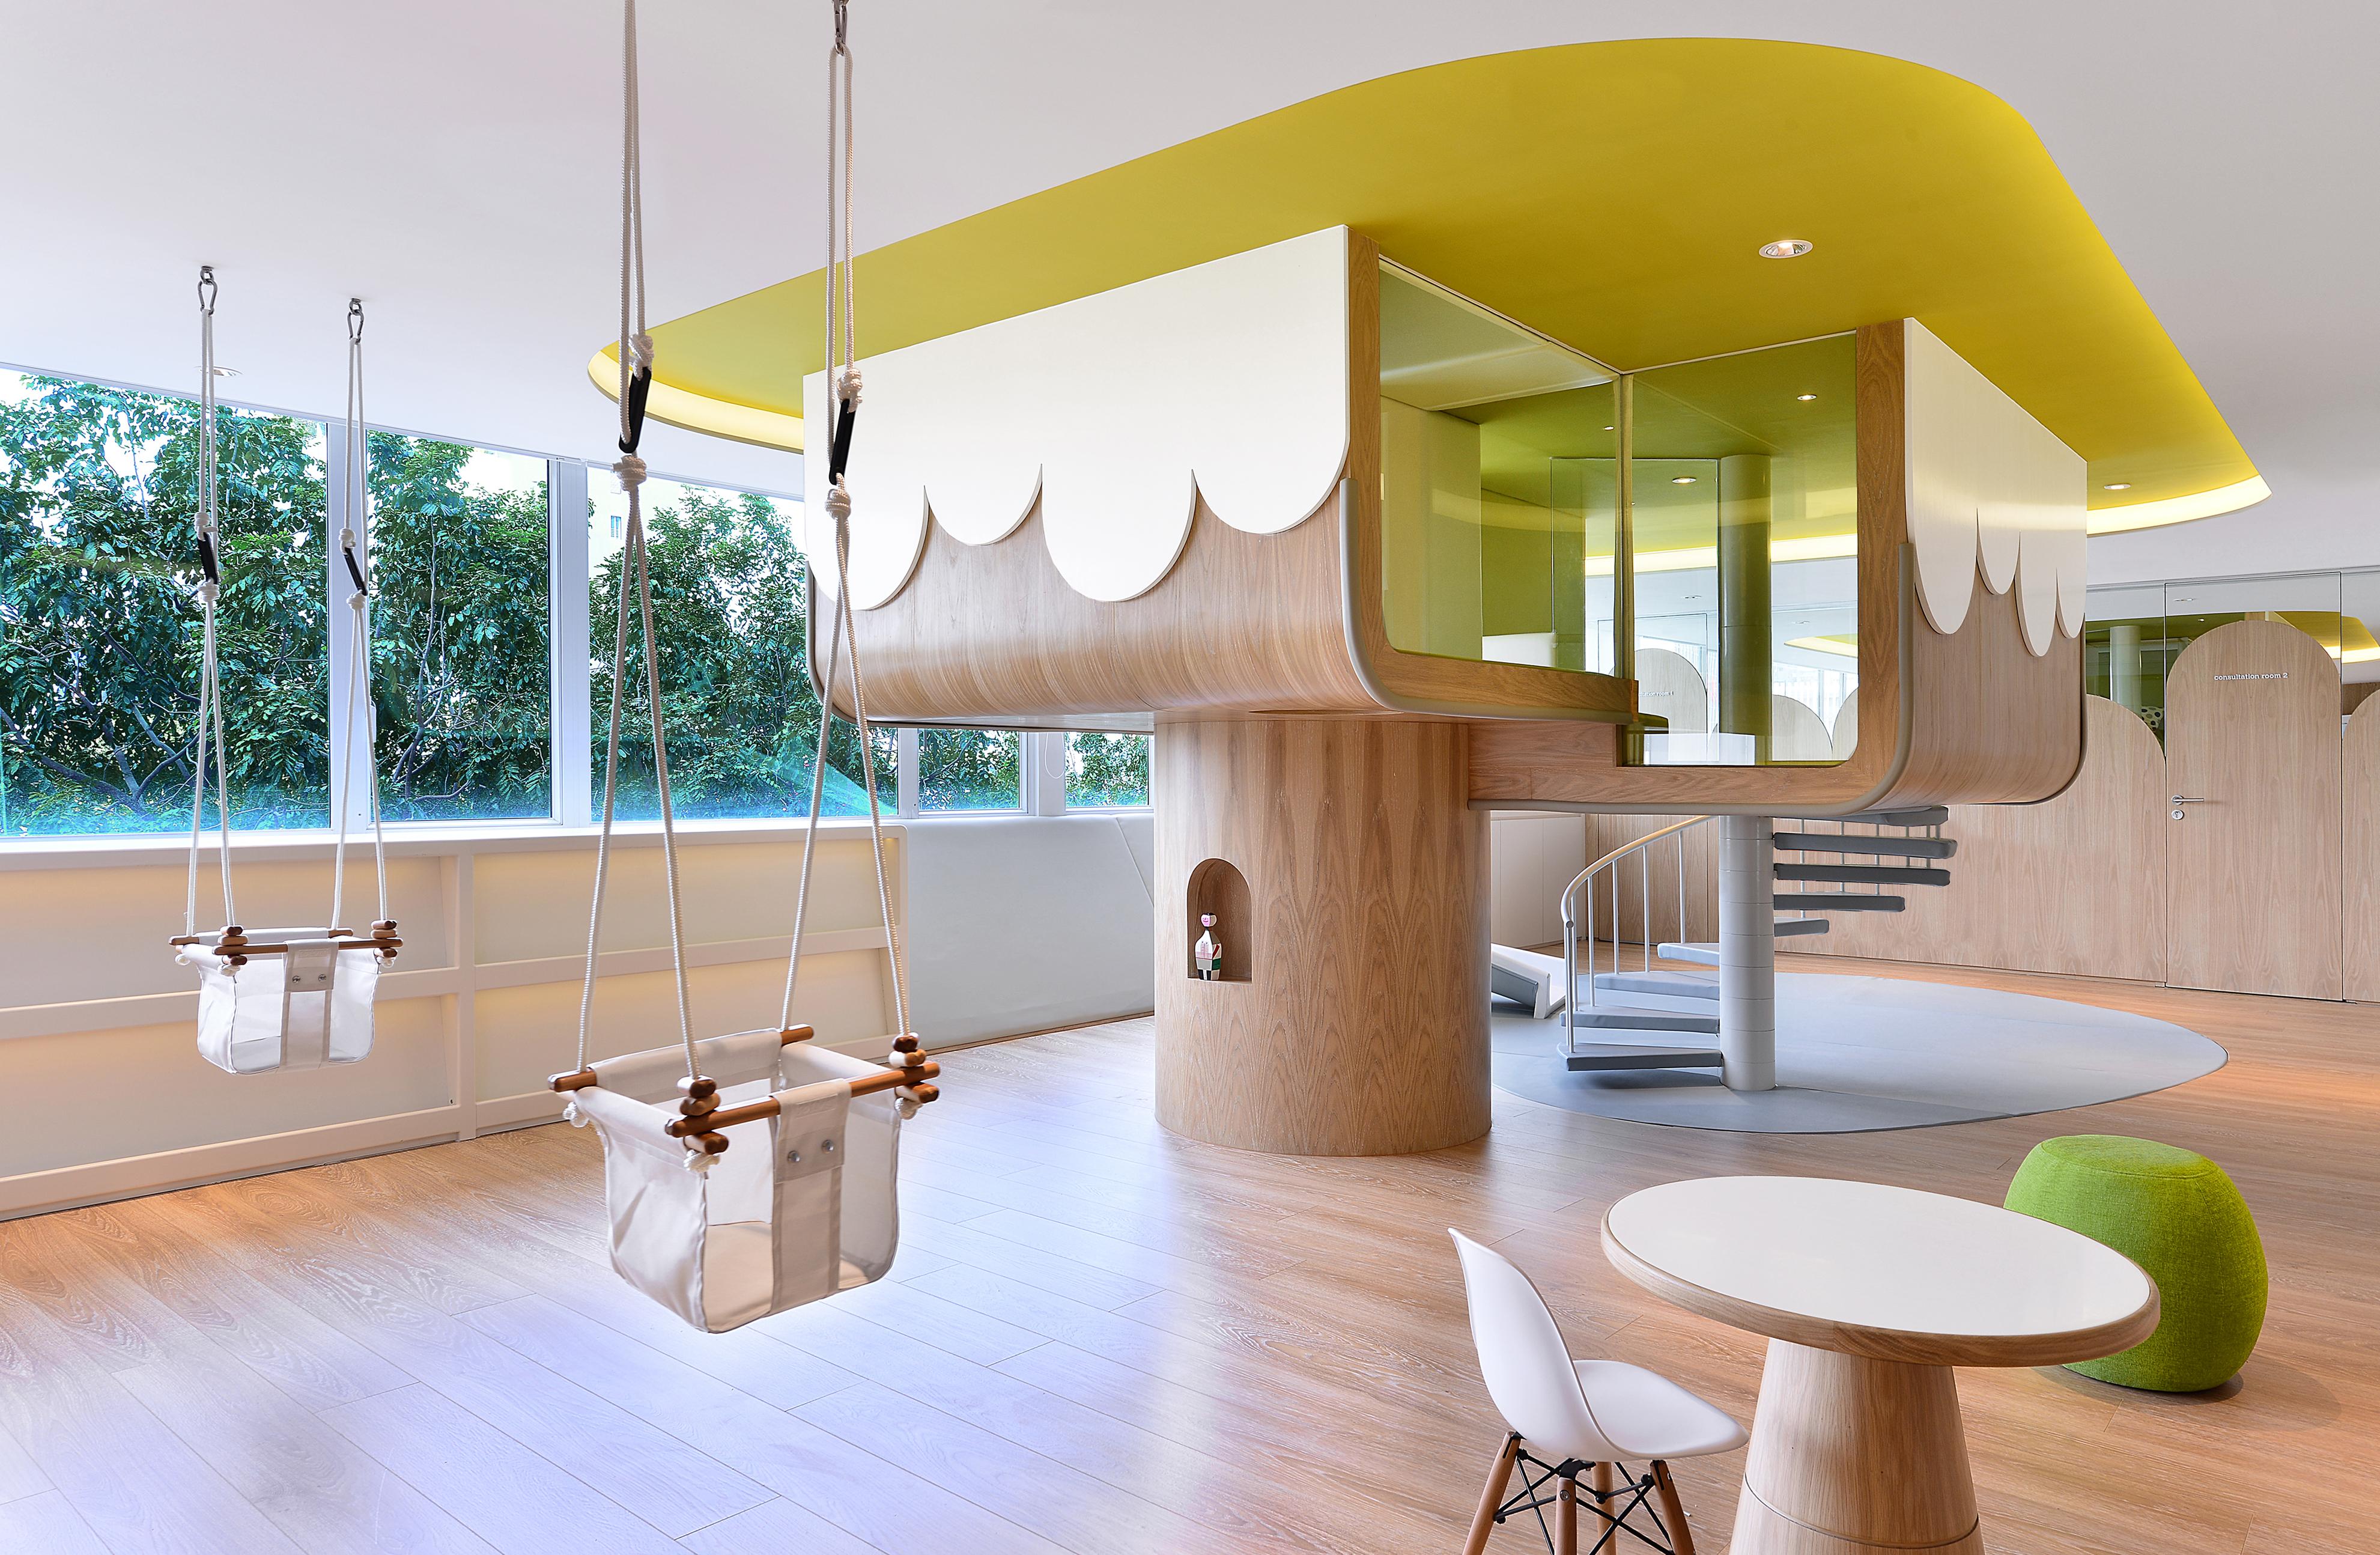 Spring kindergarten in wanchai by joey ho design for Designhotel kinder